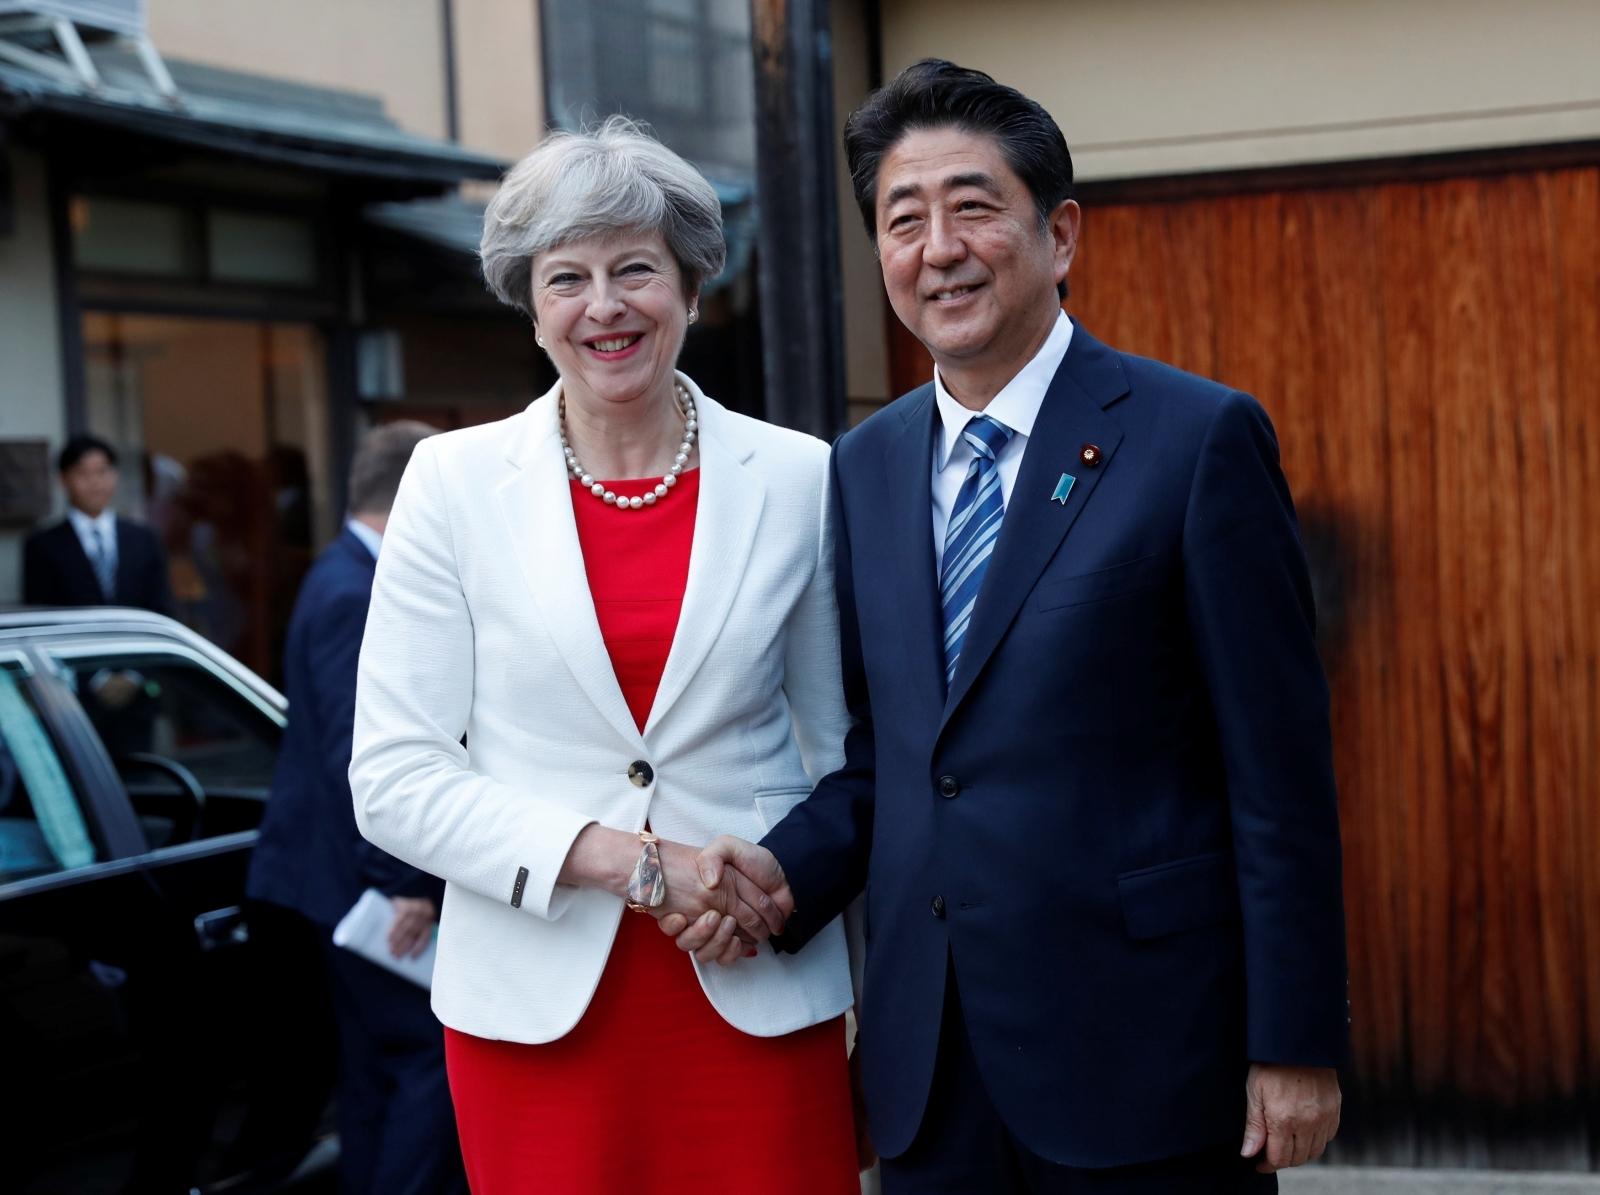 Theresa May with Shinzo Abe